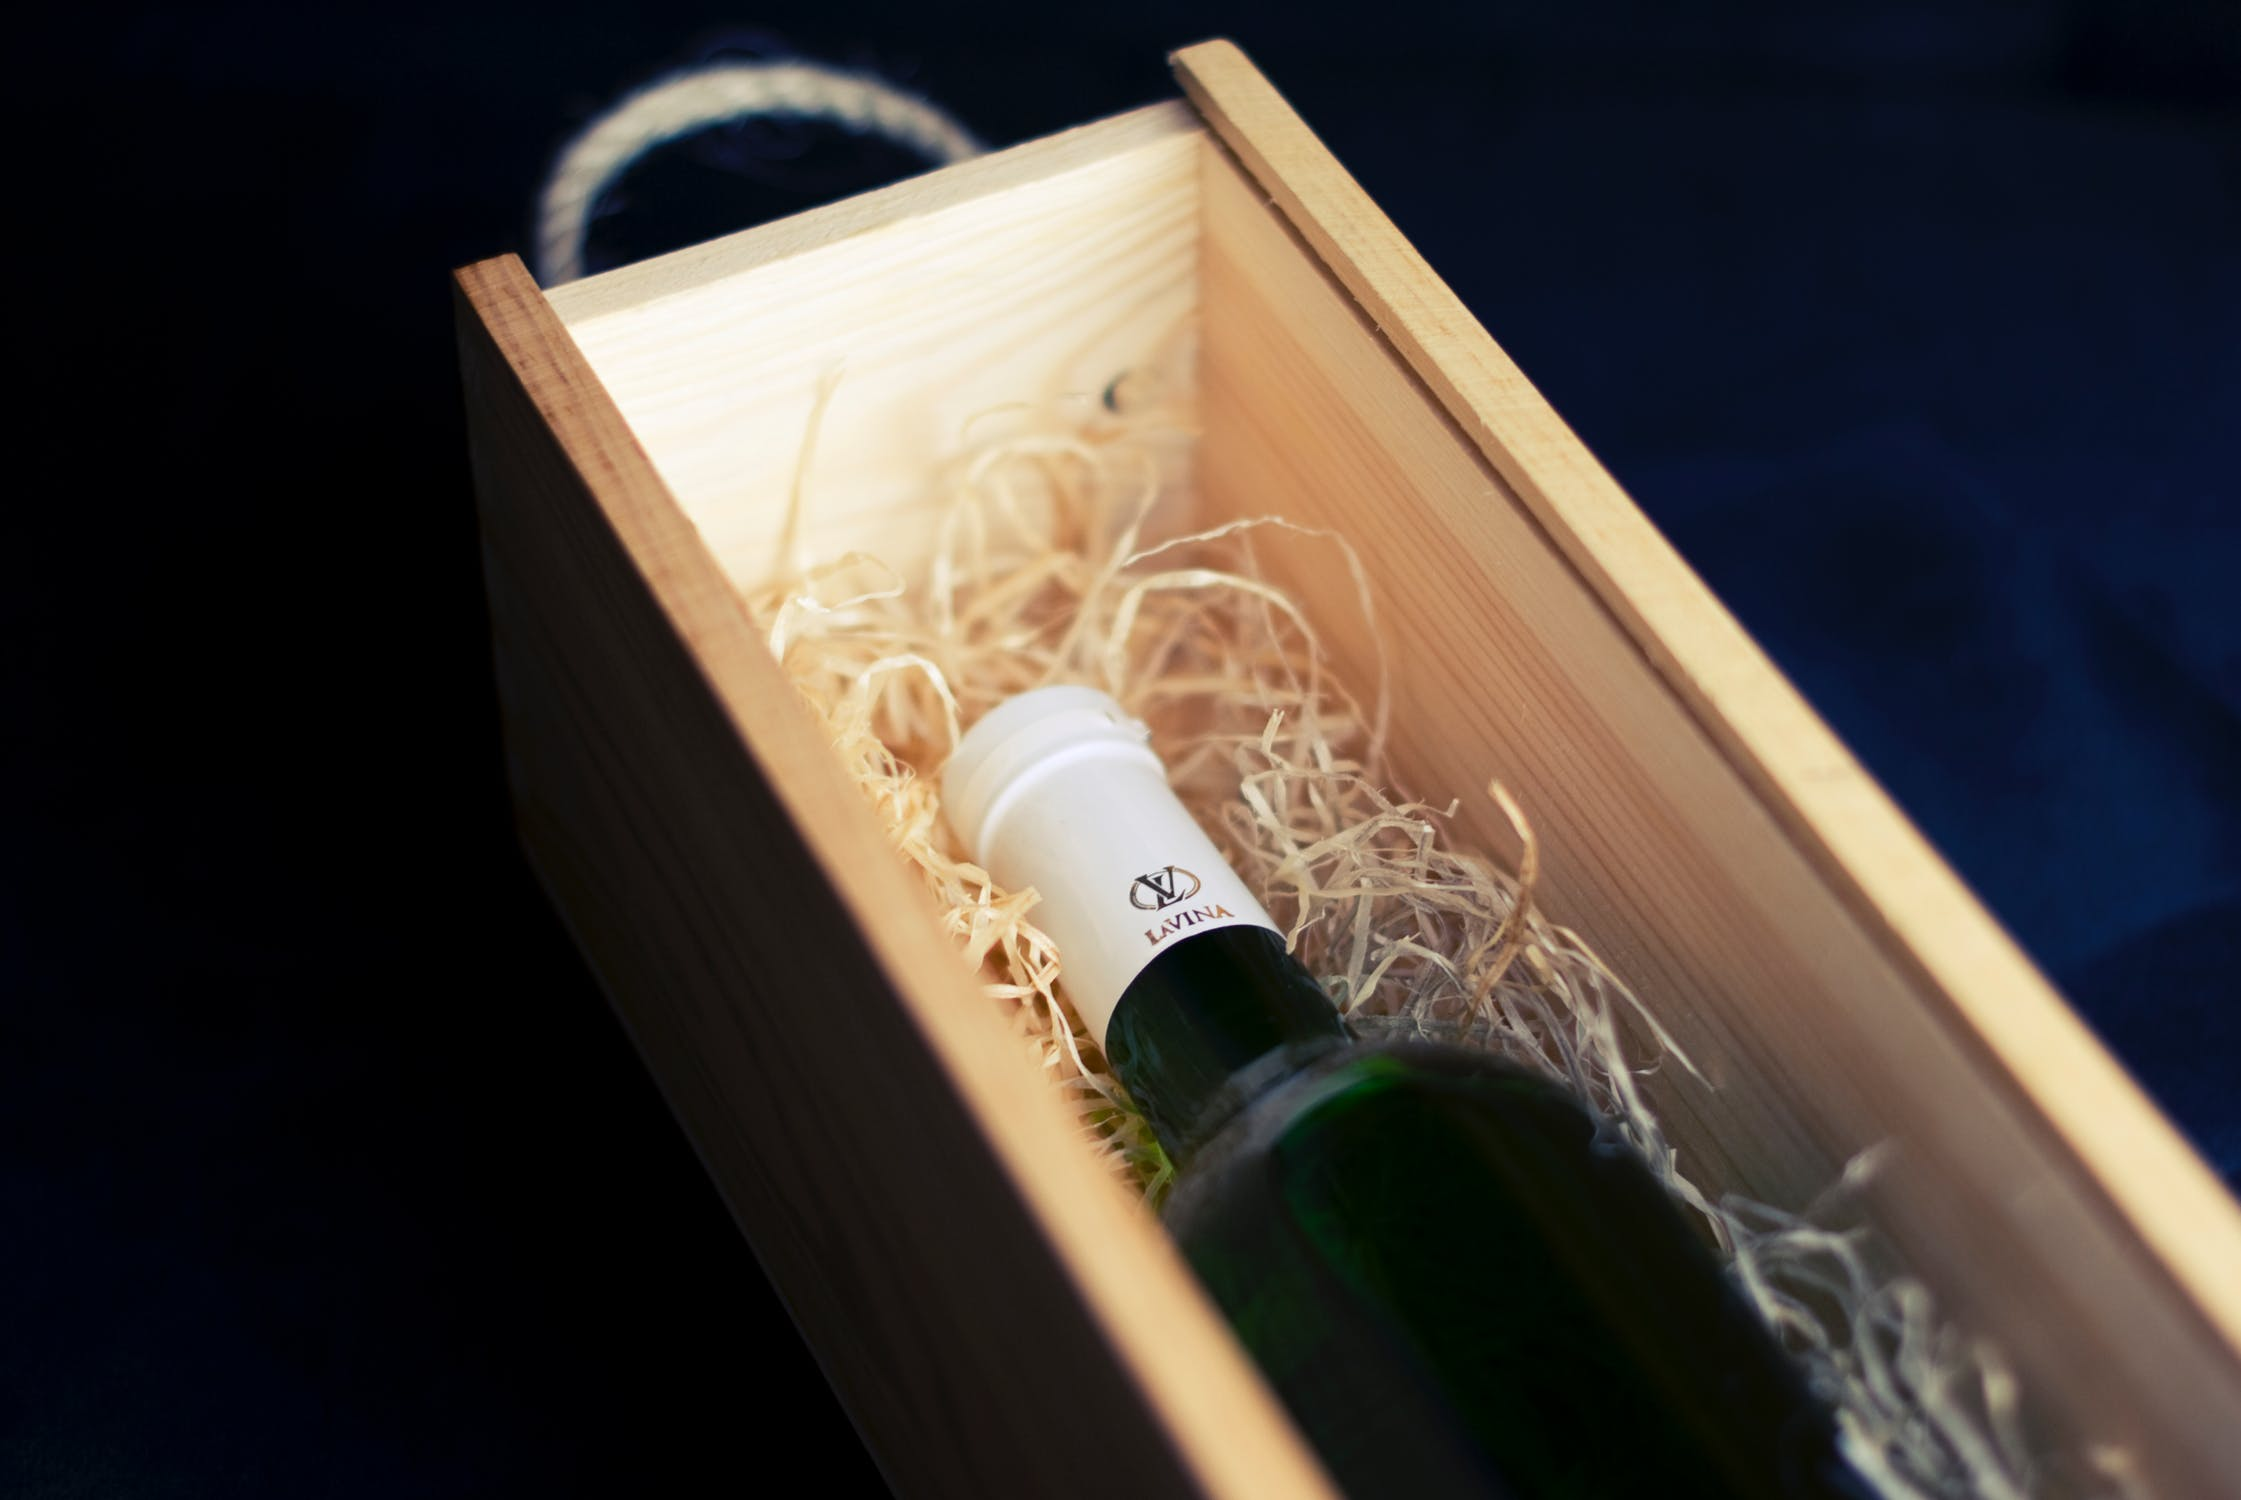 Vin i kasse